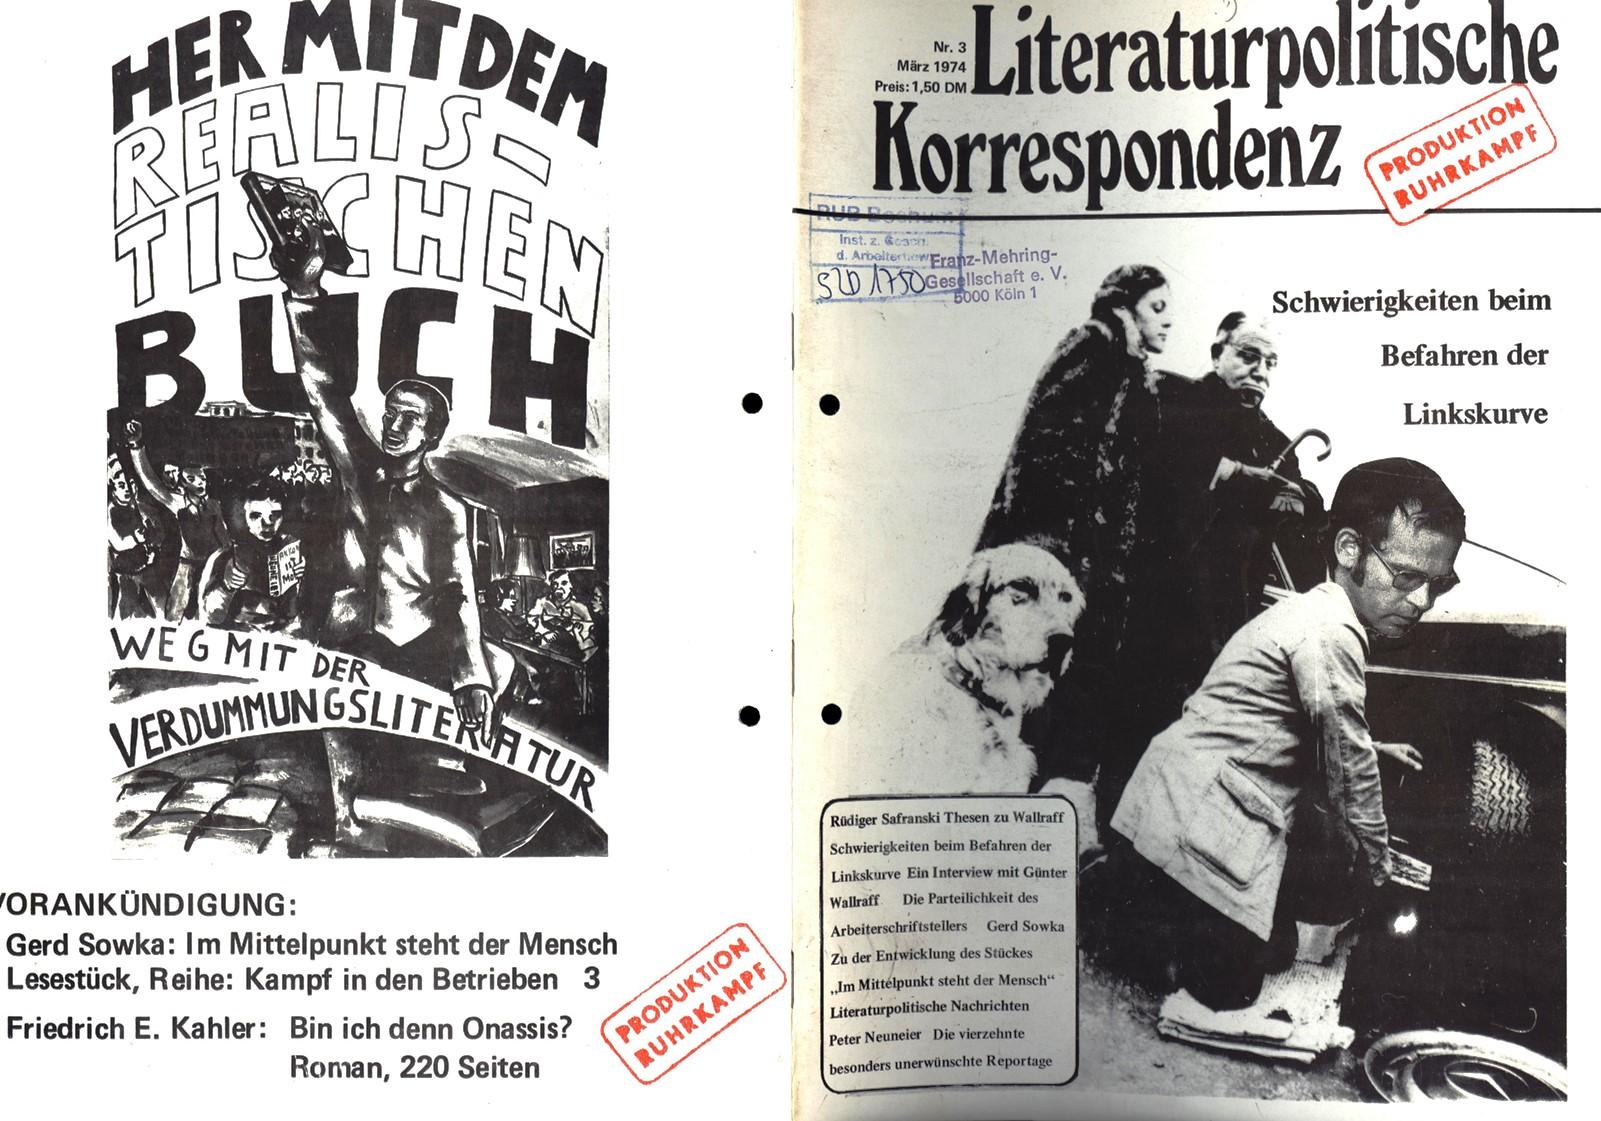 Ruhrkampf_Literaturpolitische_Korrespondenz_19740300_01